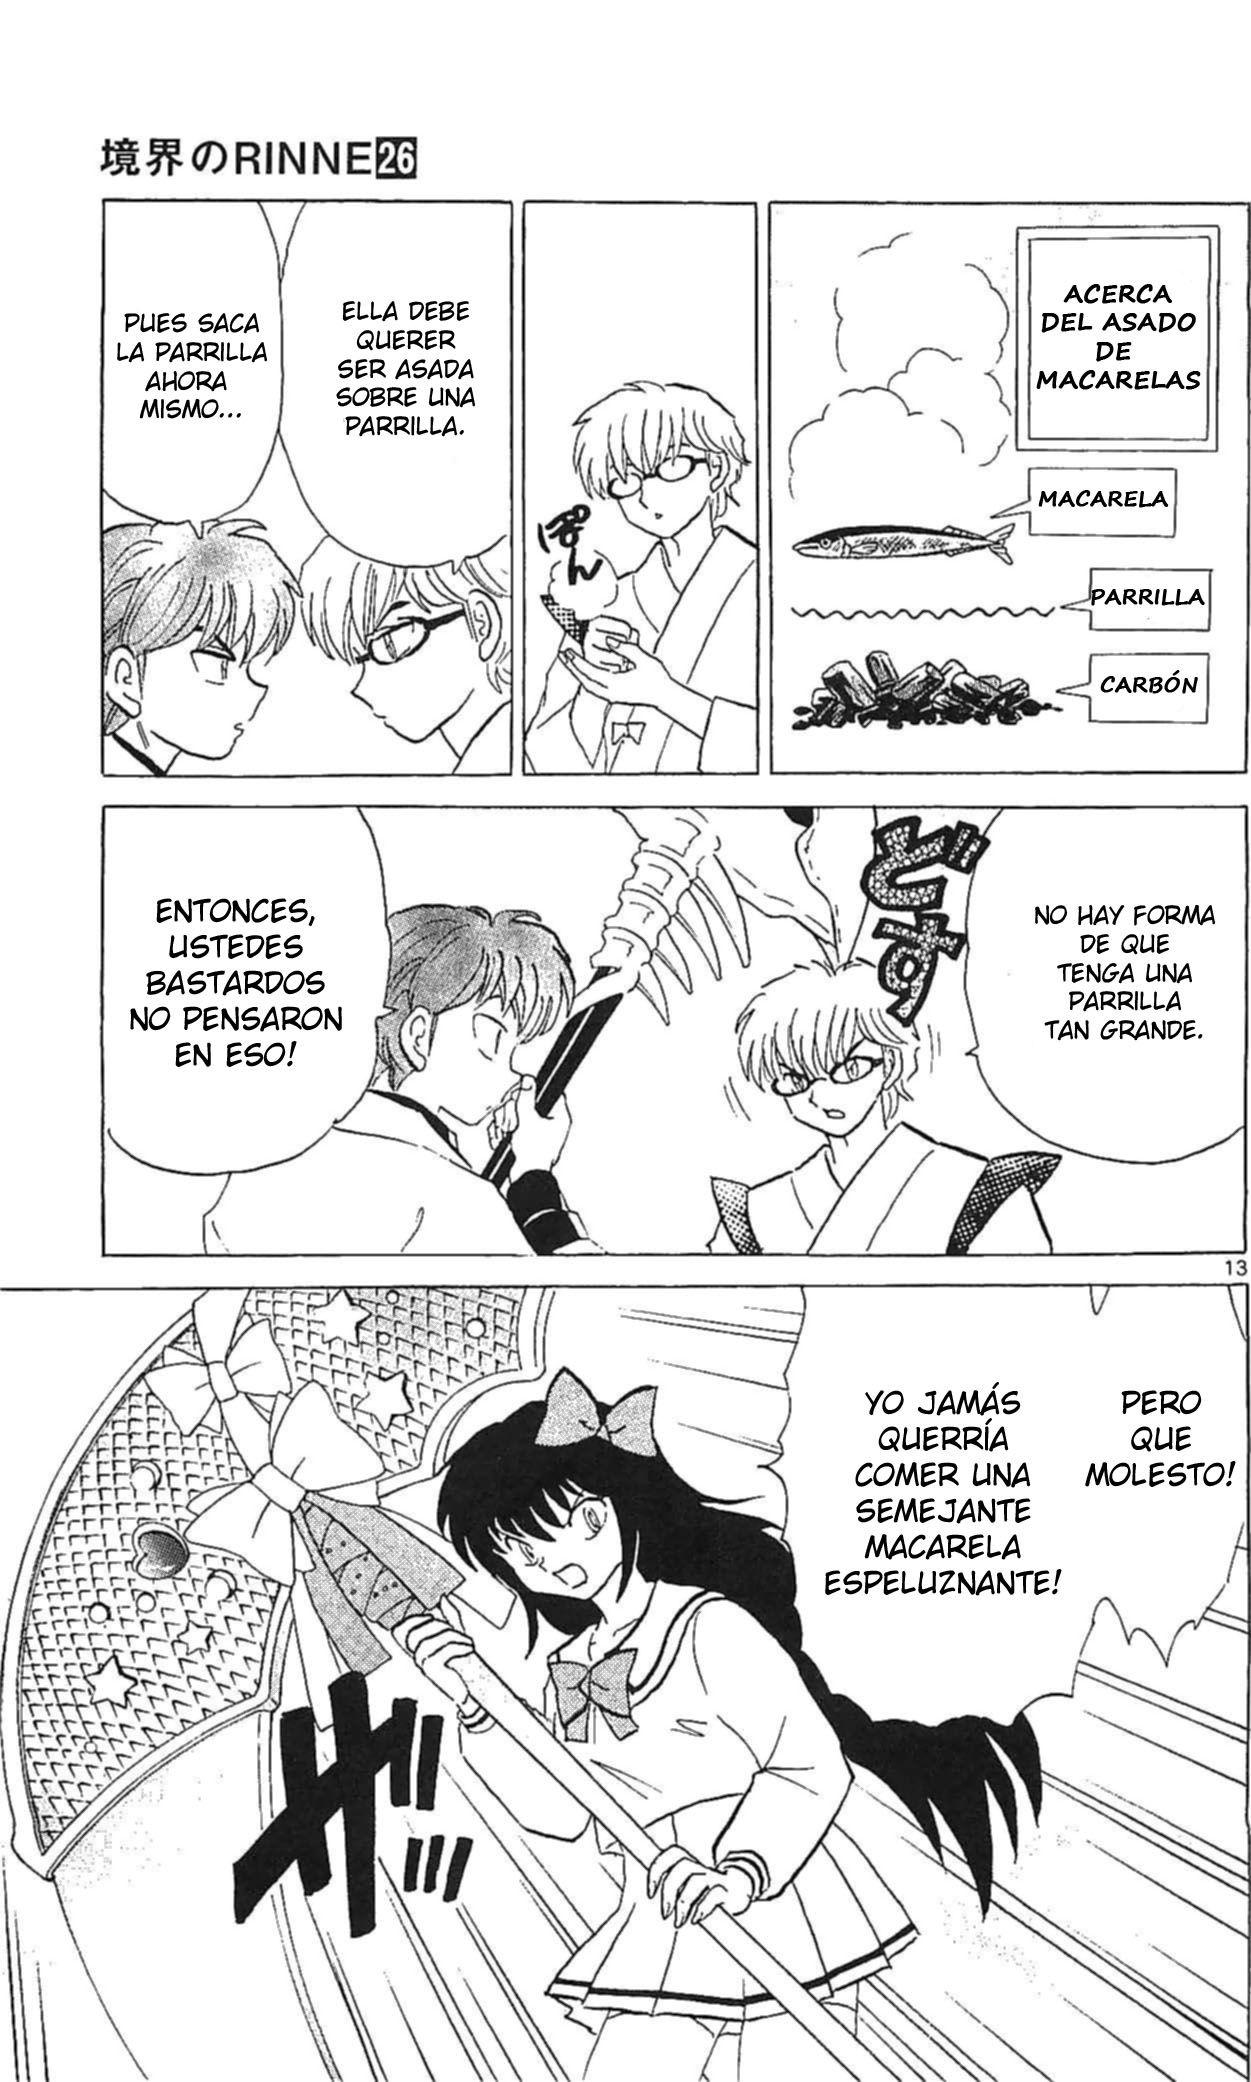 https://c5.ninemanga.com/es_manga/pic2/33/609/524733/352aadcdb01b30bdbd6c5f13d27ed9b5.jpg Page 14